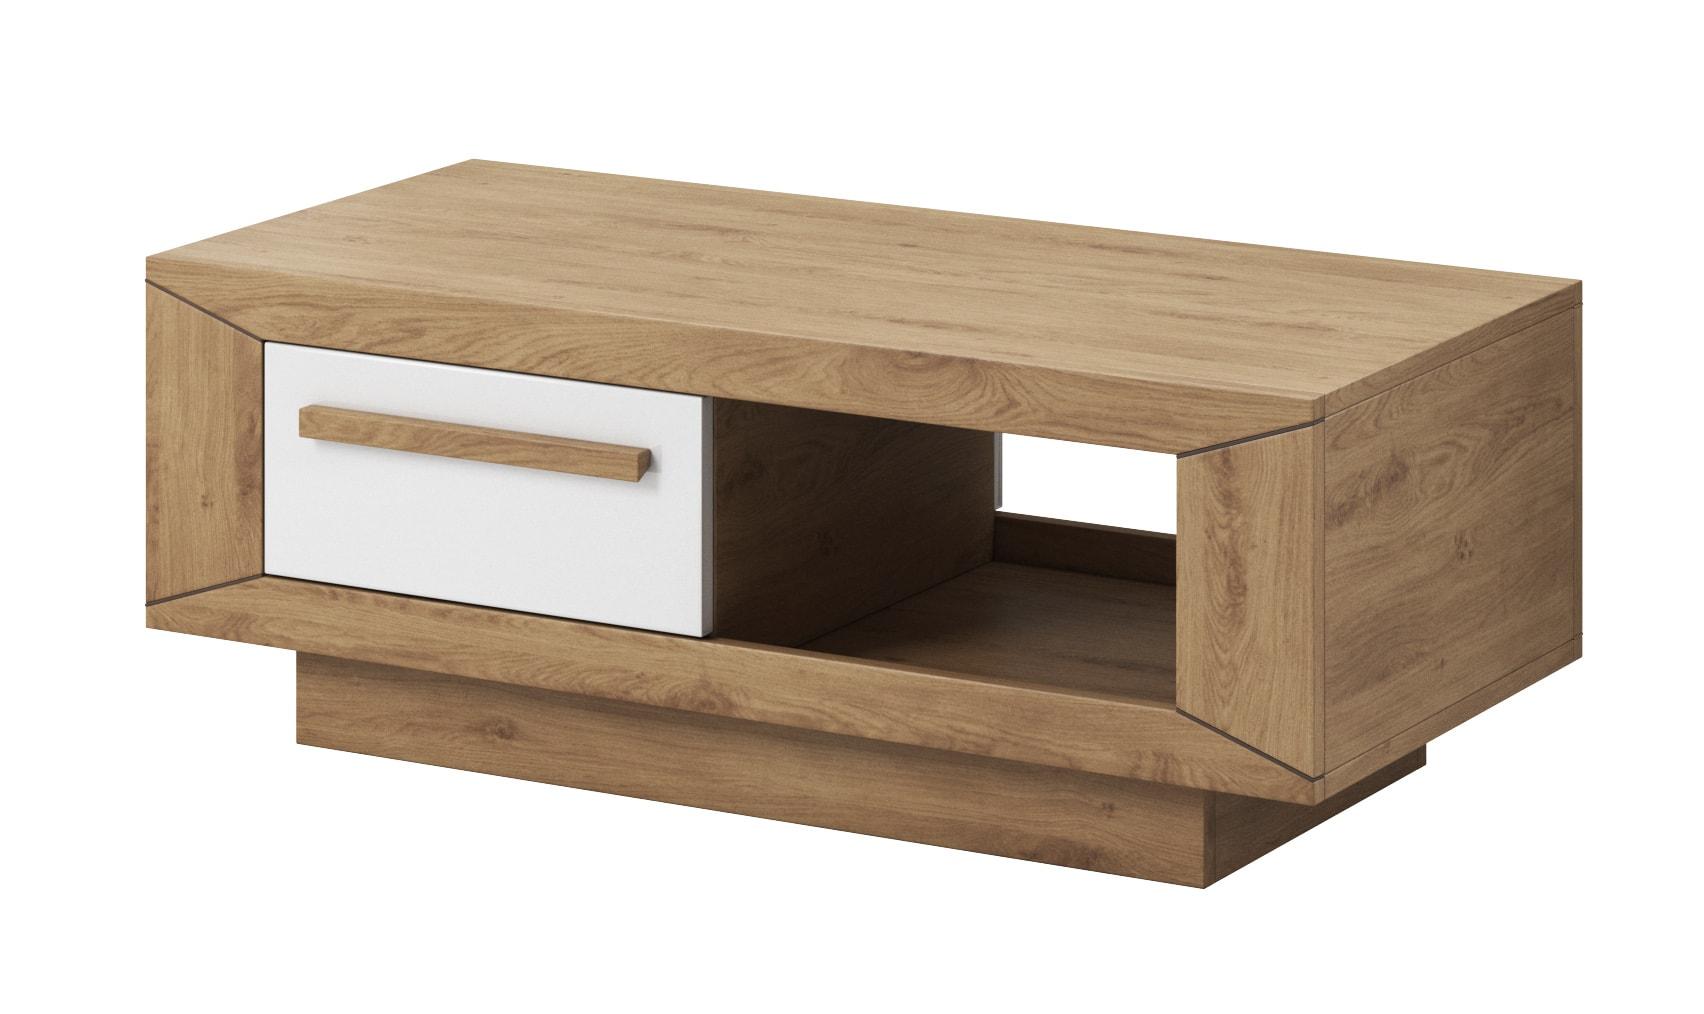 Konferenční stolek - Laurie - Typ 99 (dub Beaufort + bílý lesk)